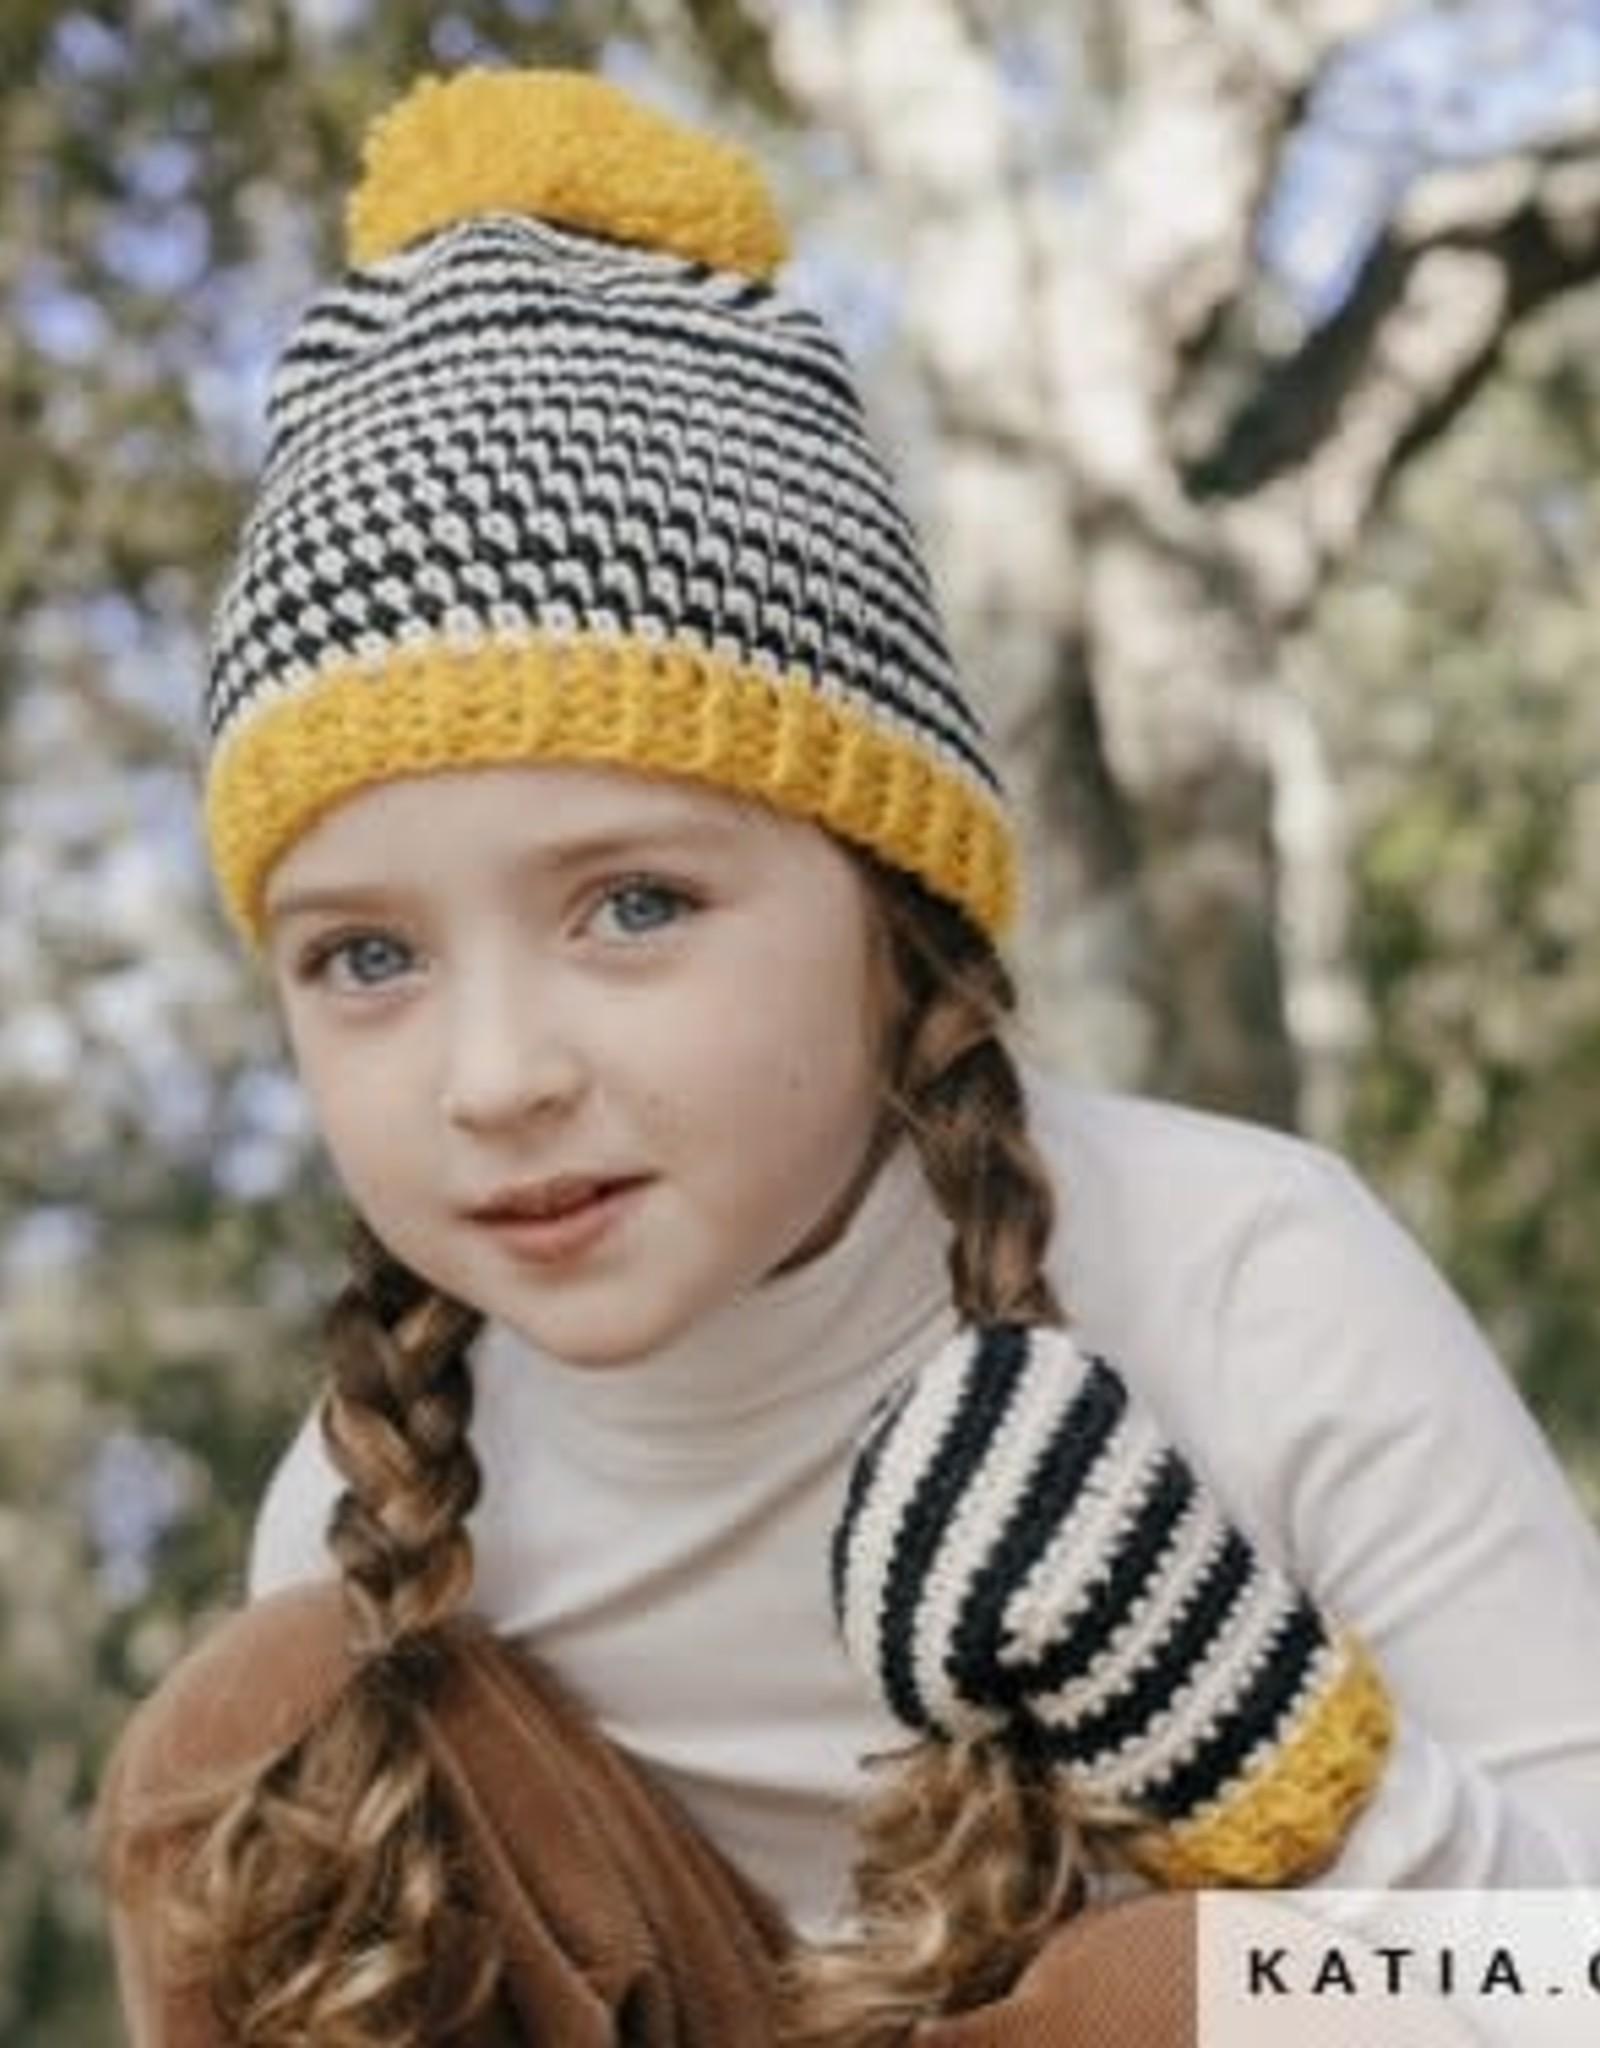 Katia Katia merino aran 11 zeer licht beige